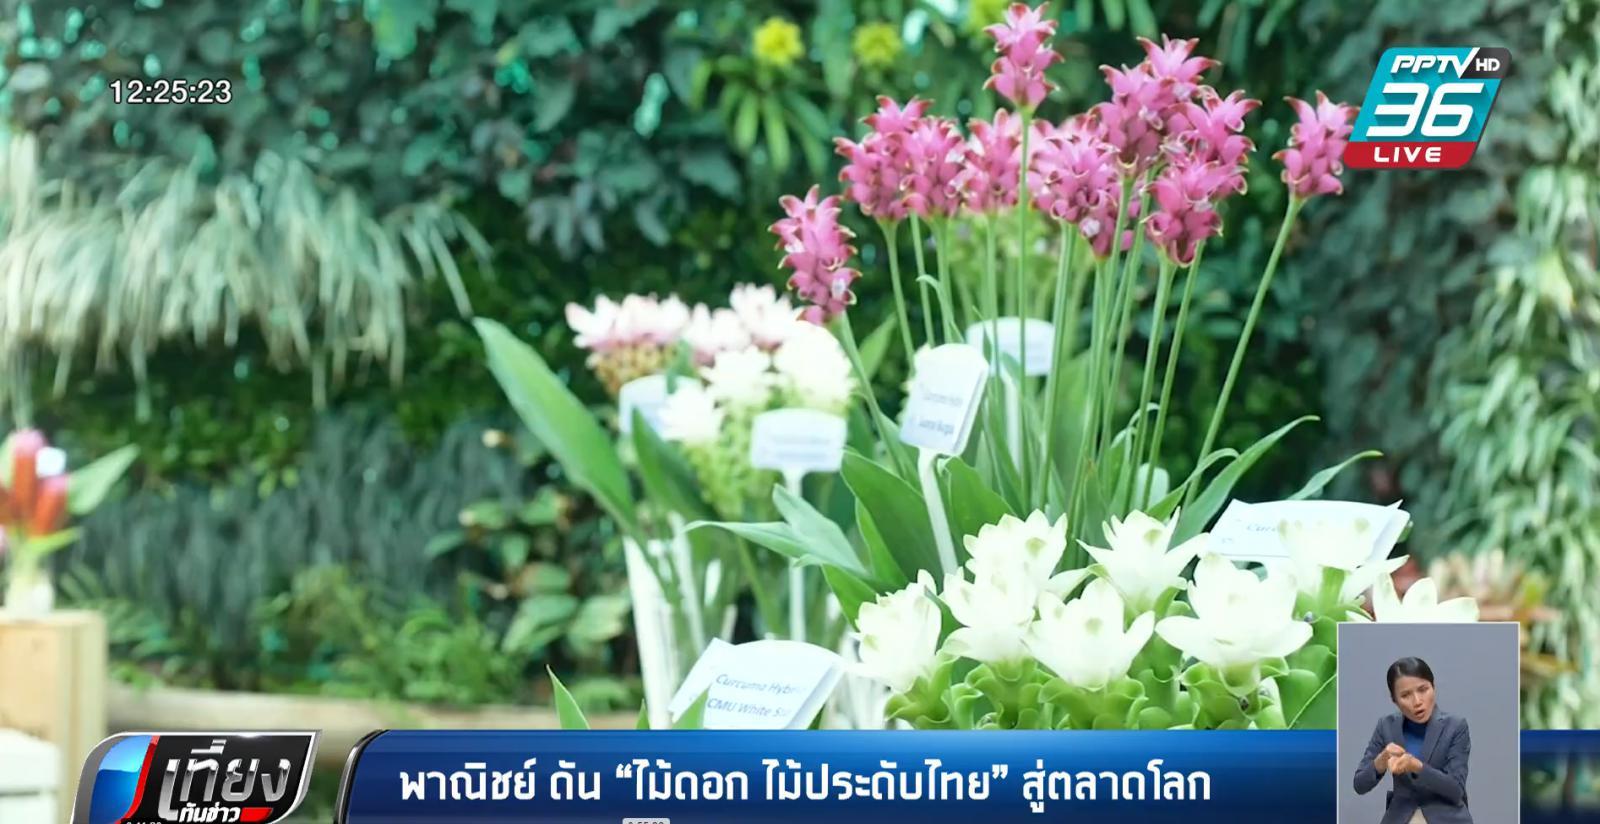 """พาณิชย์ ดัน """"ไม้ดอก ไม้ประดับไทย"""" สู่ตลาดโลก"""